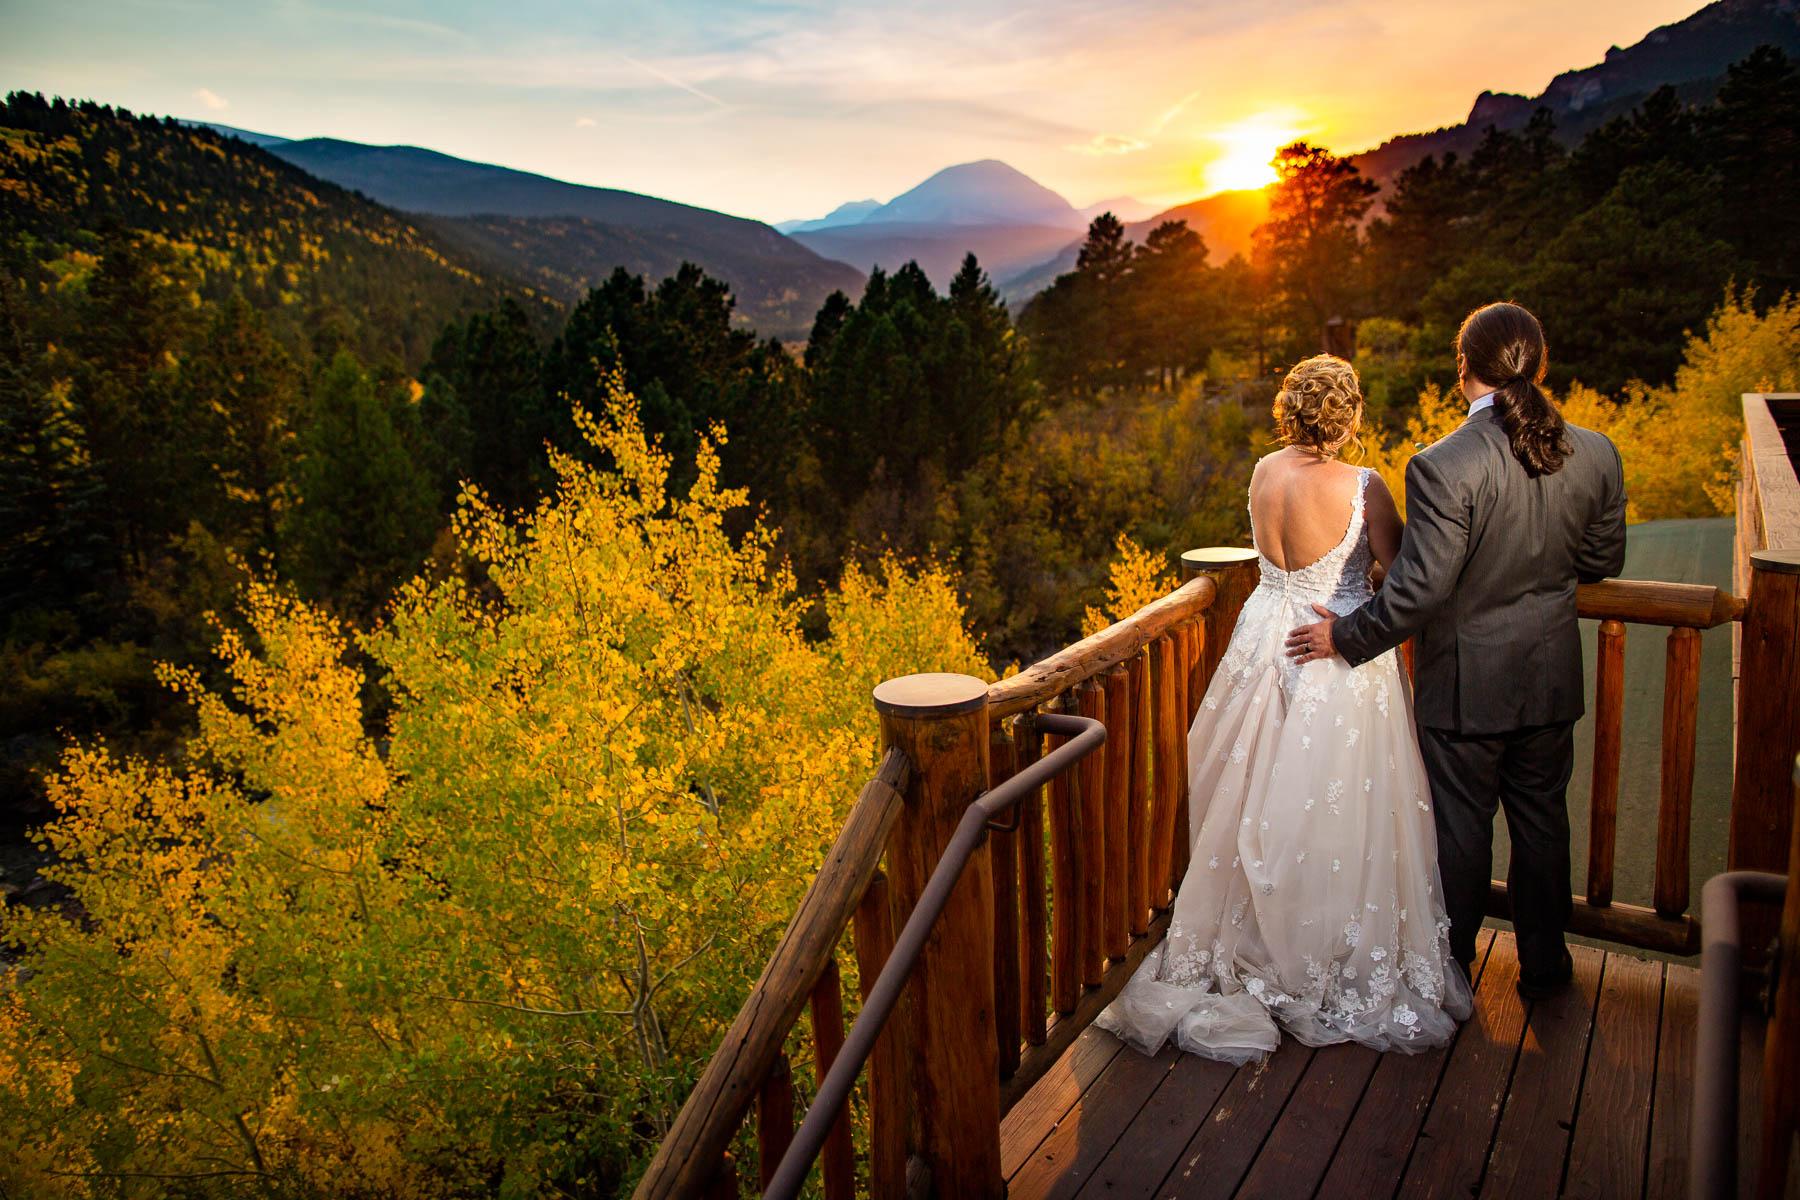 Foto di matrimonio al Wild Basin Lodge, Allenspark, Colorado | la coppia si diresse verso il balcone sul tetto